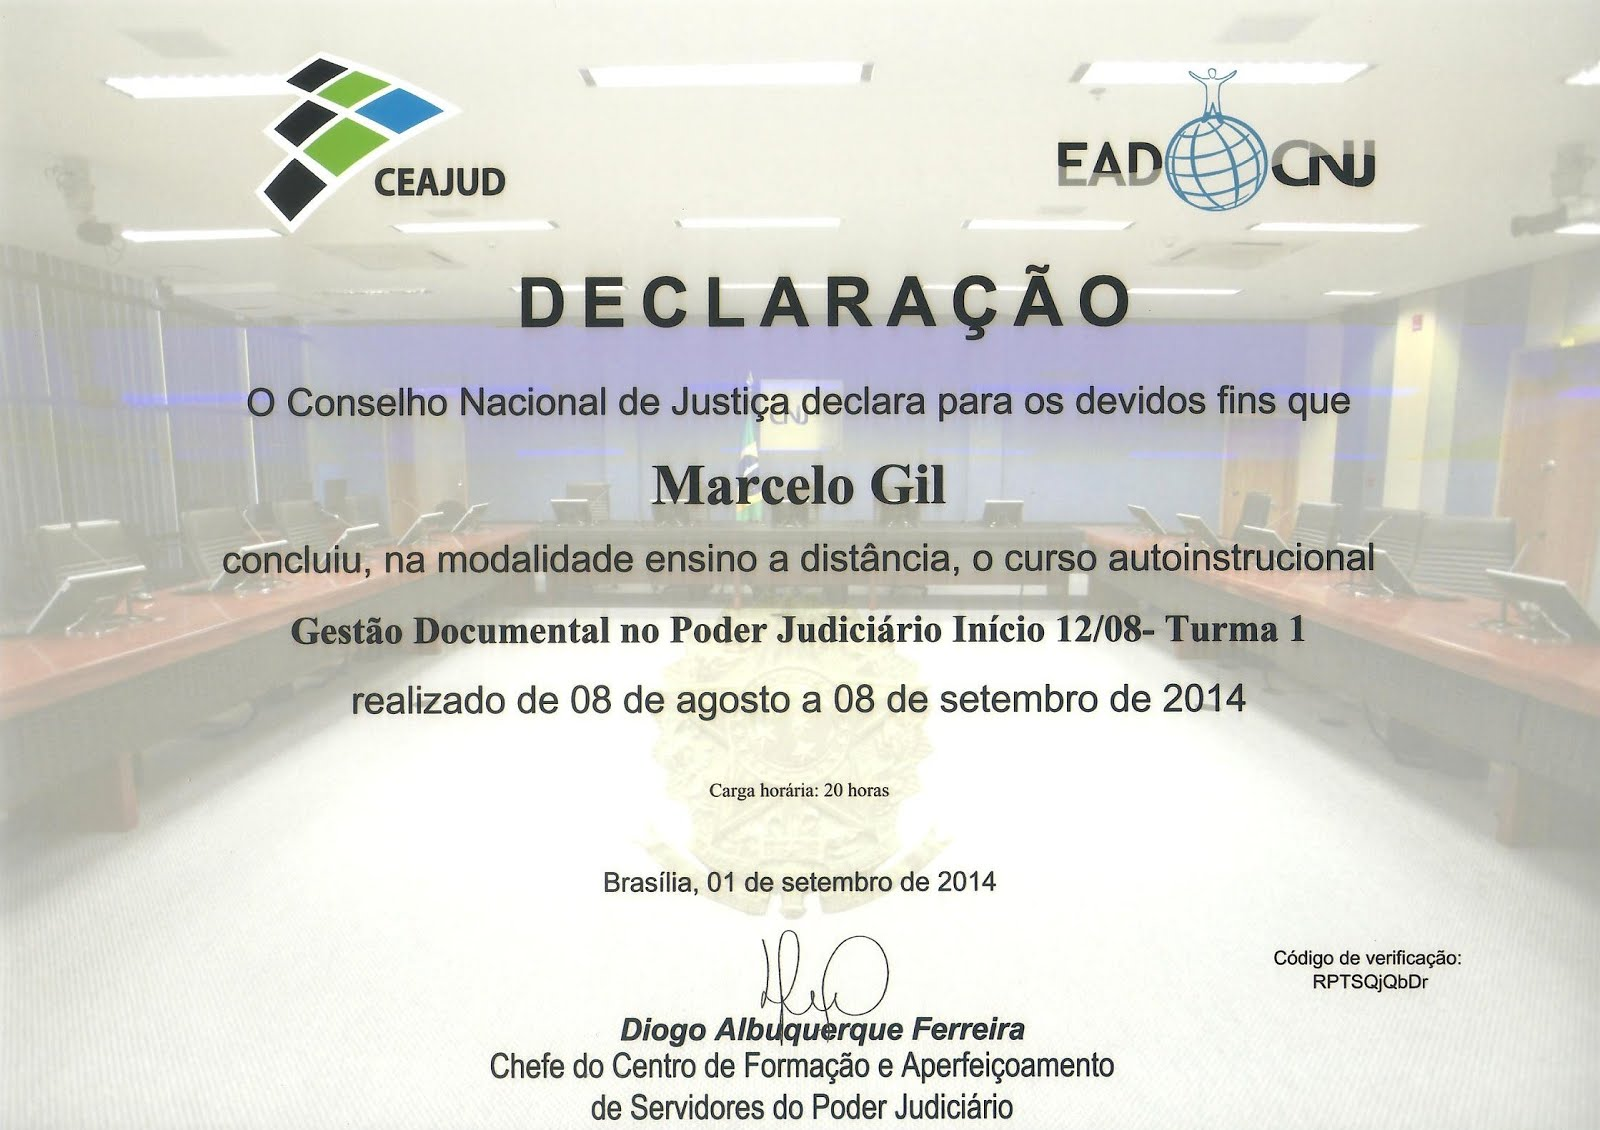 DECLARAÇÃO DO CONSELHO NACIONAL DE JUSTIÇA CONCEDIDO À MARCELO GIL - 2014